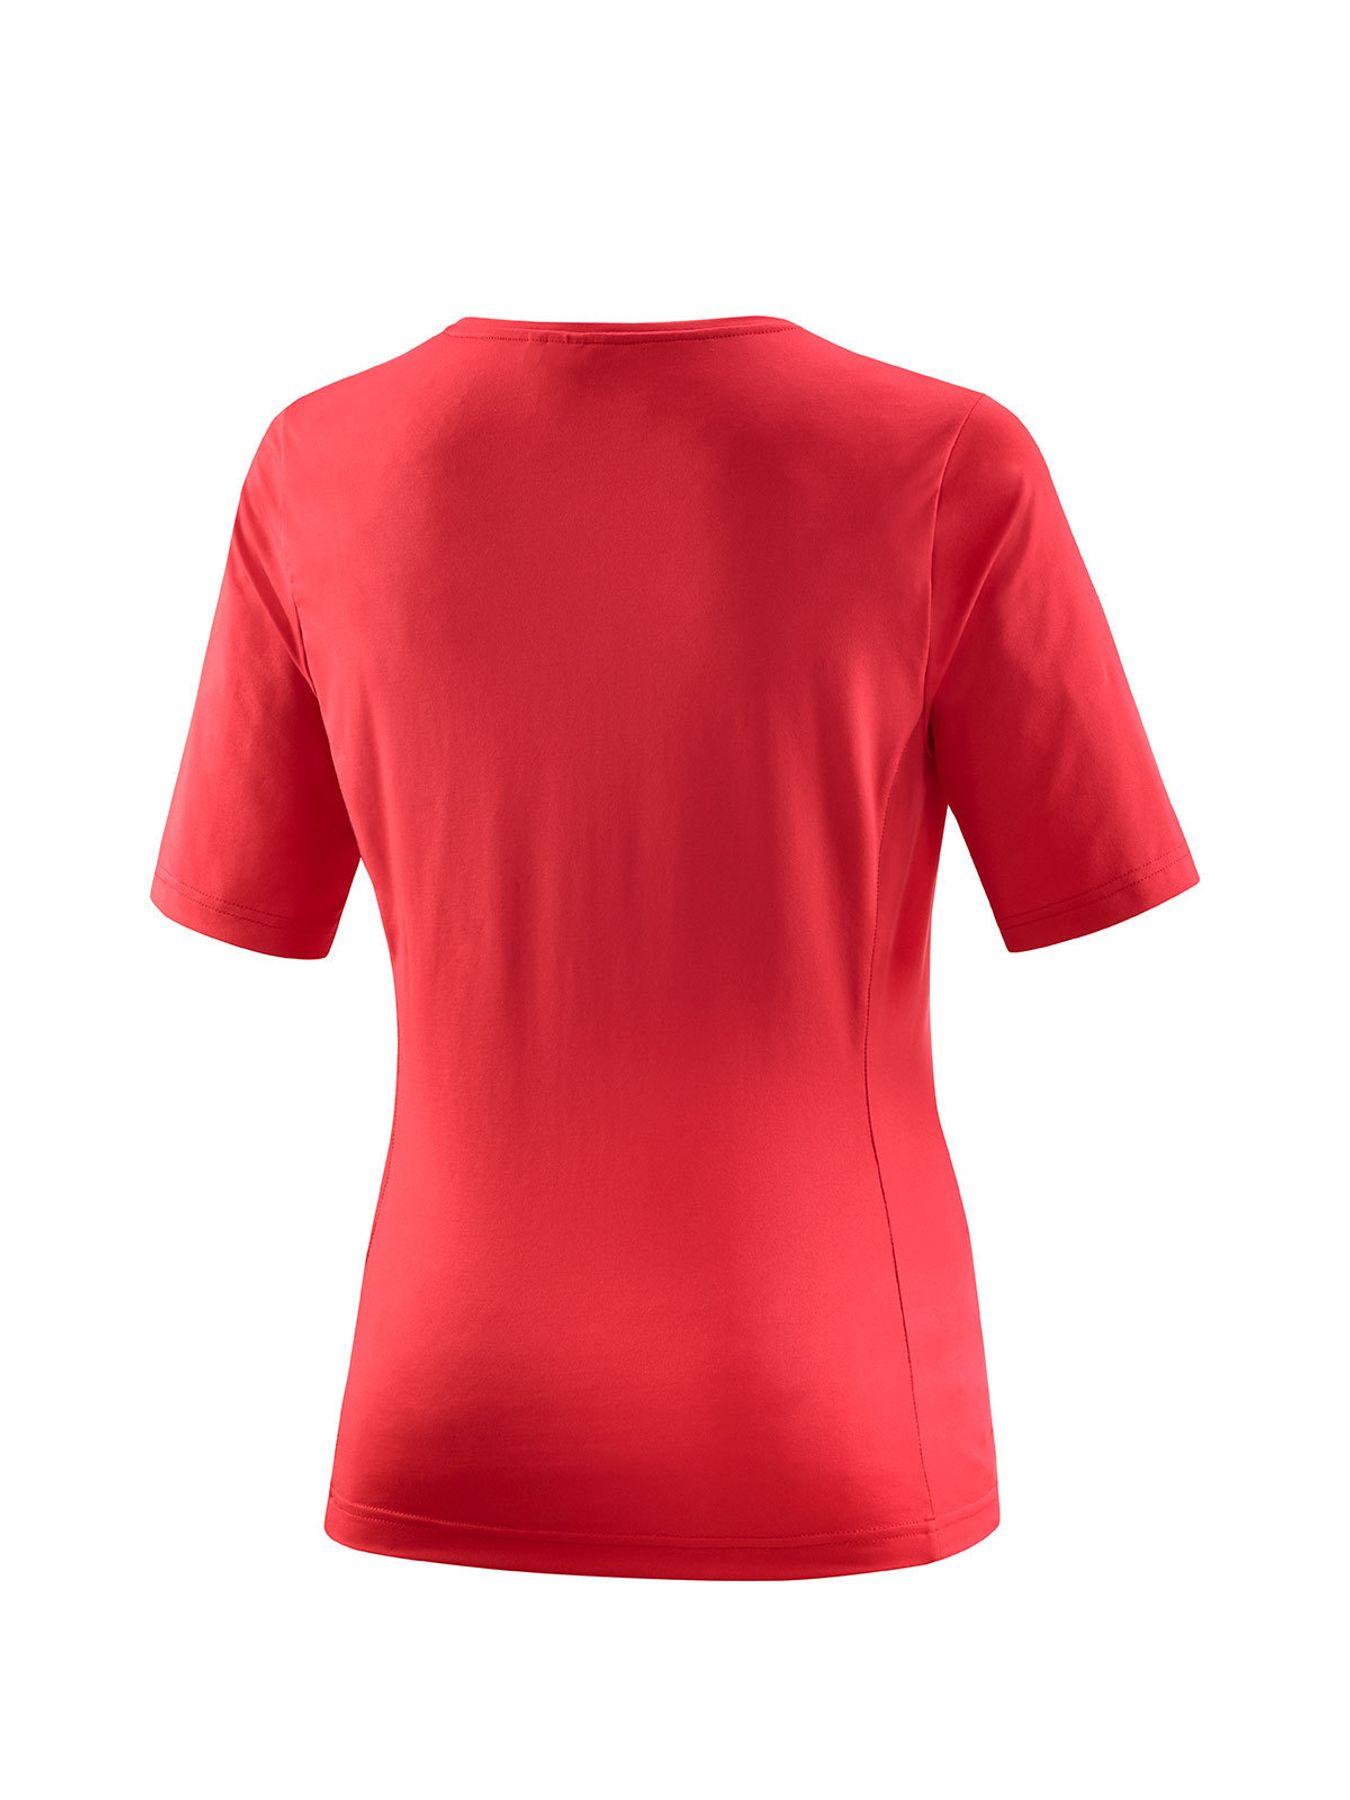 Joy - Damen Sport und Freizeit Shirt mit graphischem Printmotiv, Antonella (34506) – Bild 2